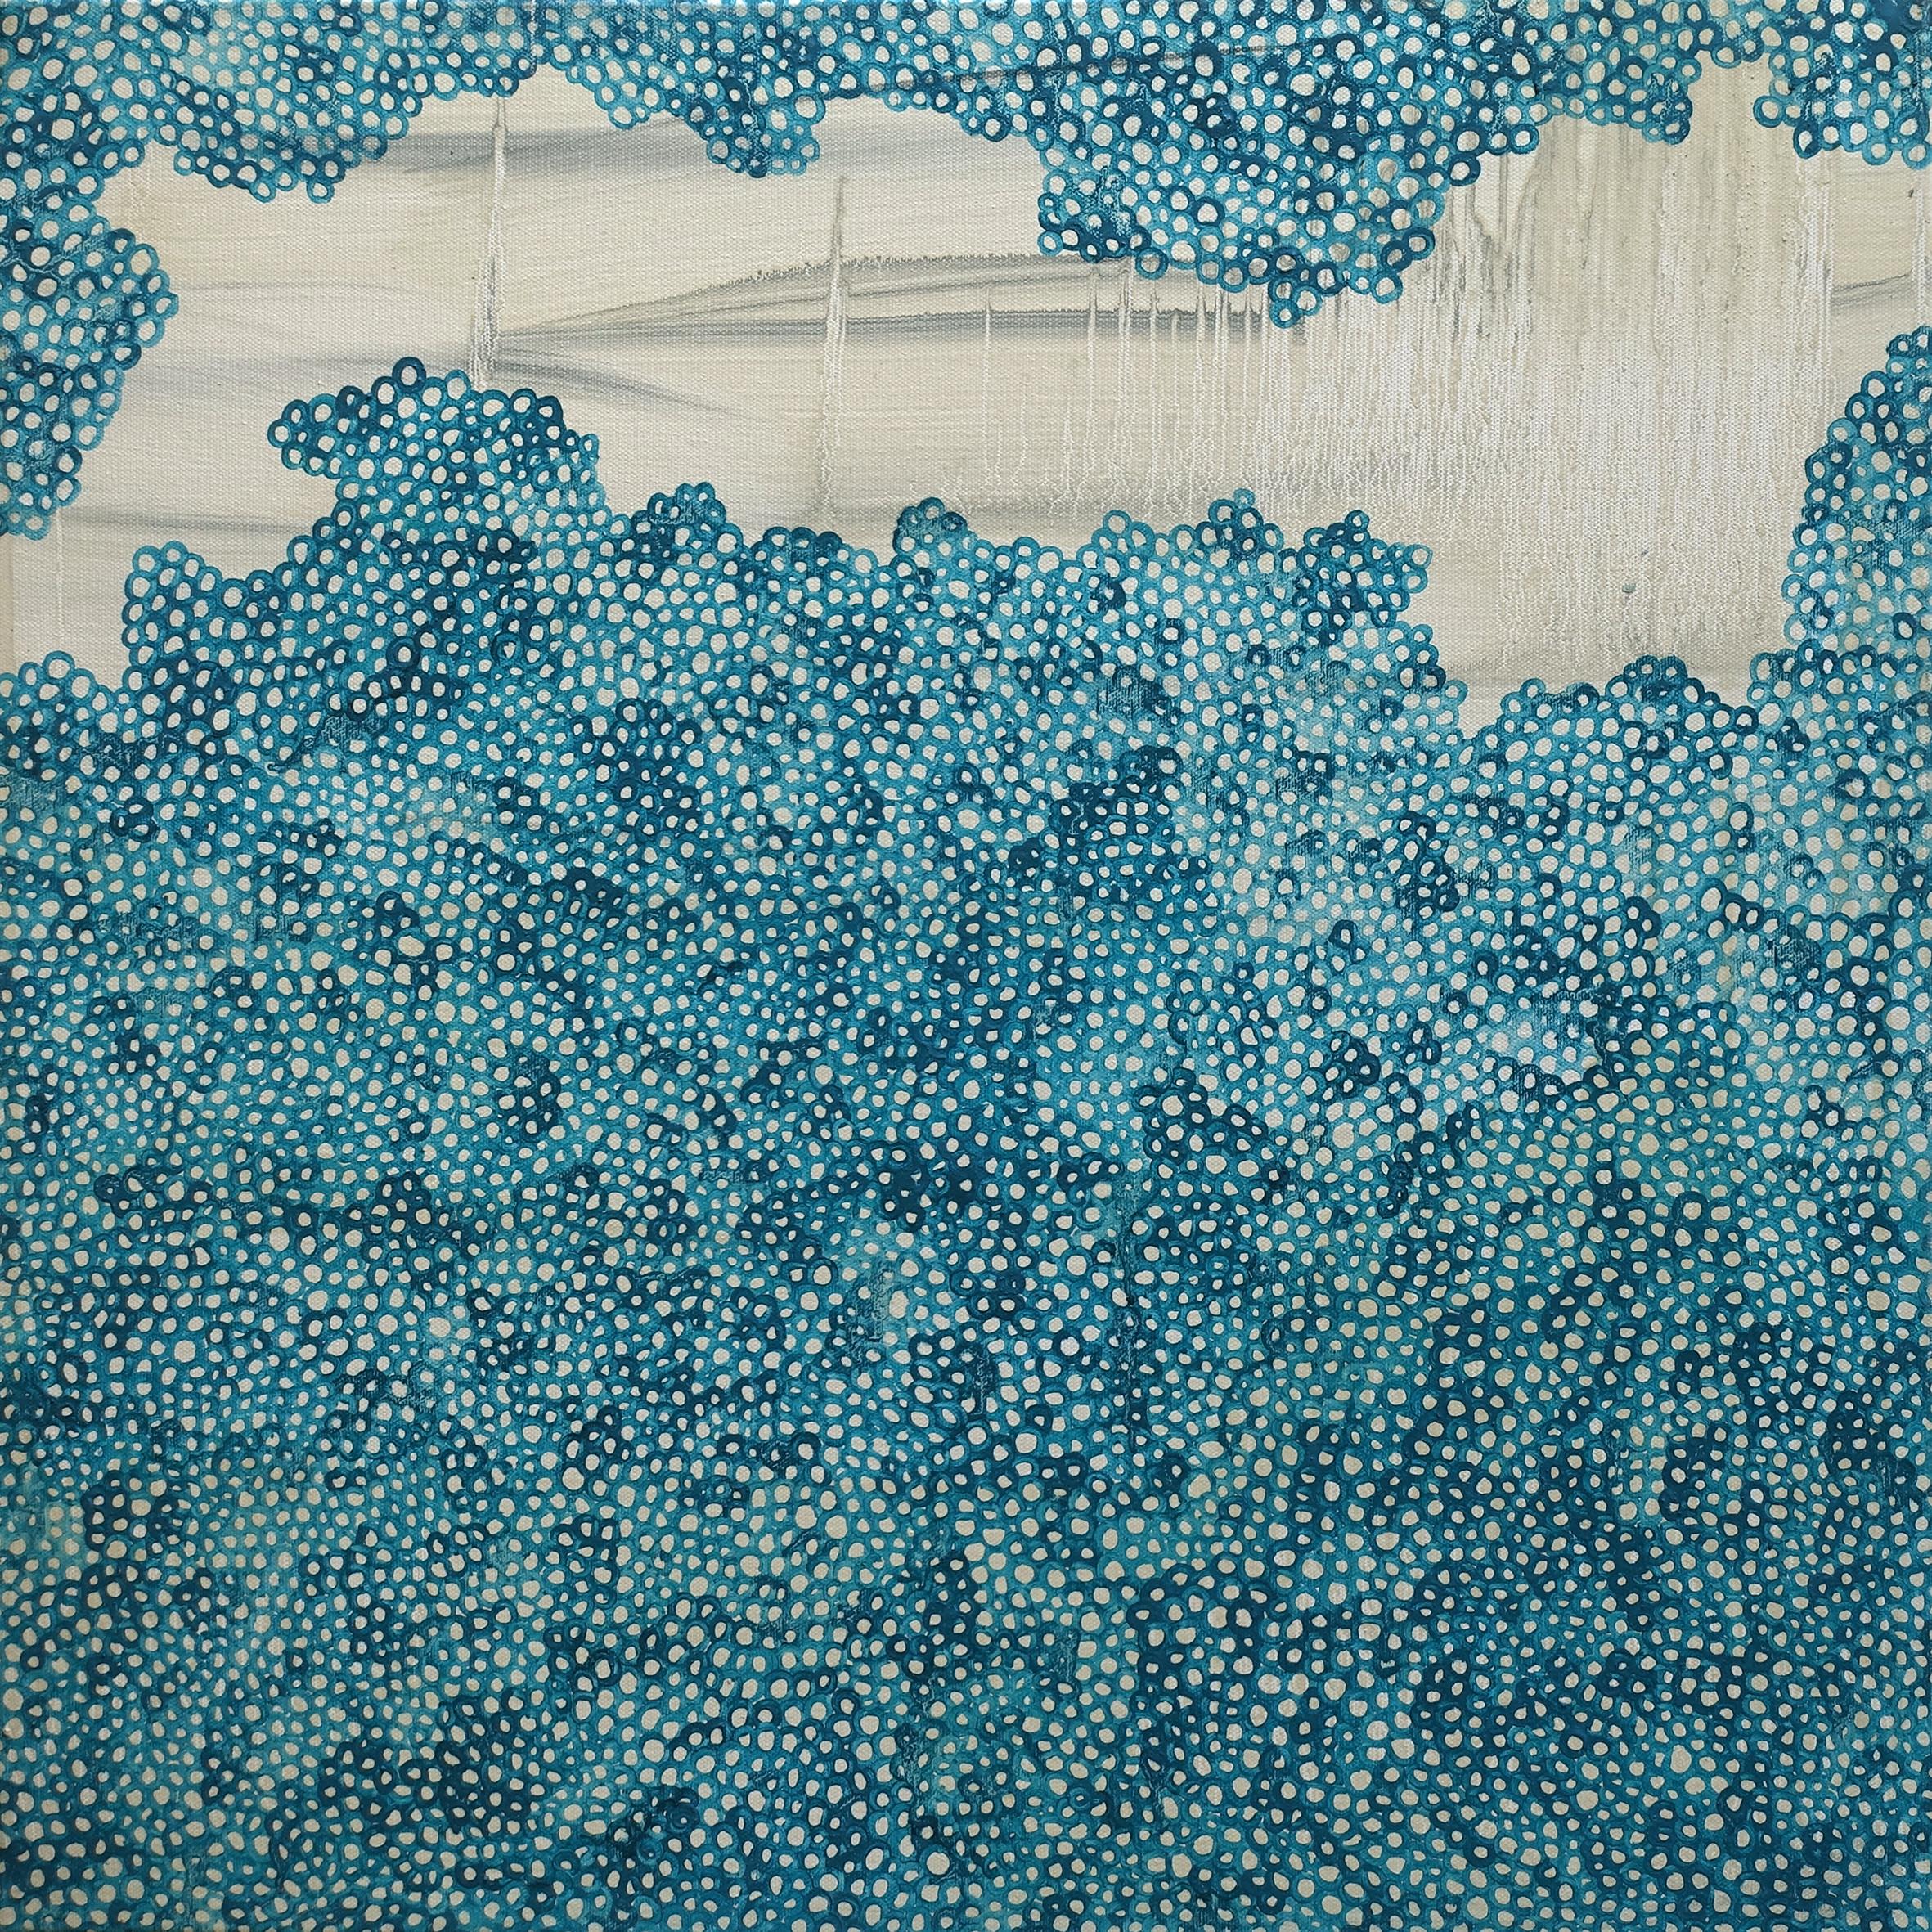 cellules – 60X60 cm – Huile et pigments sur toile – 2017